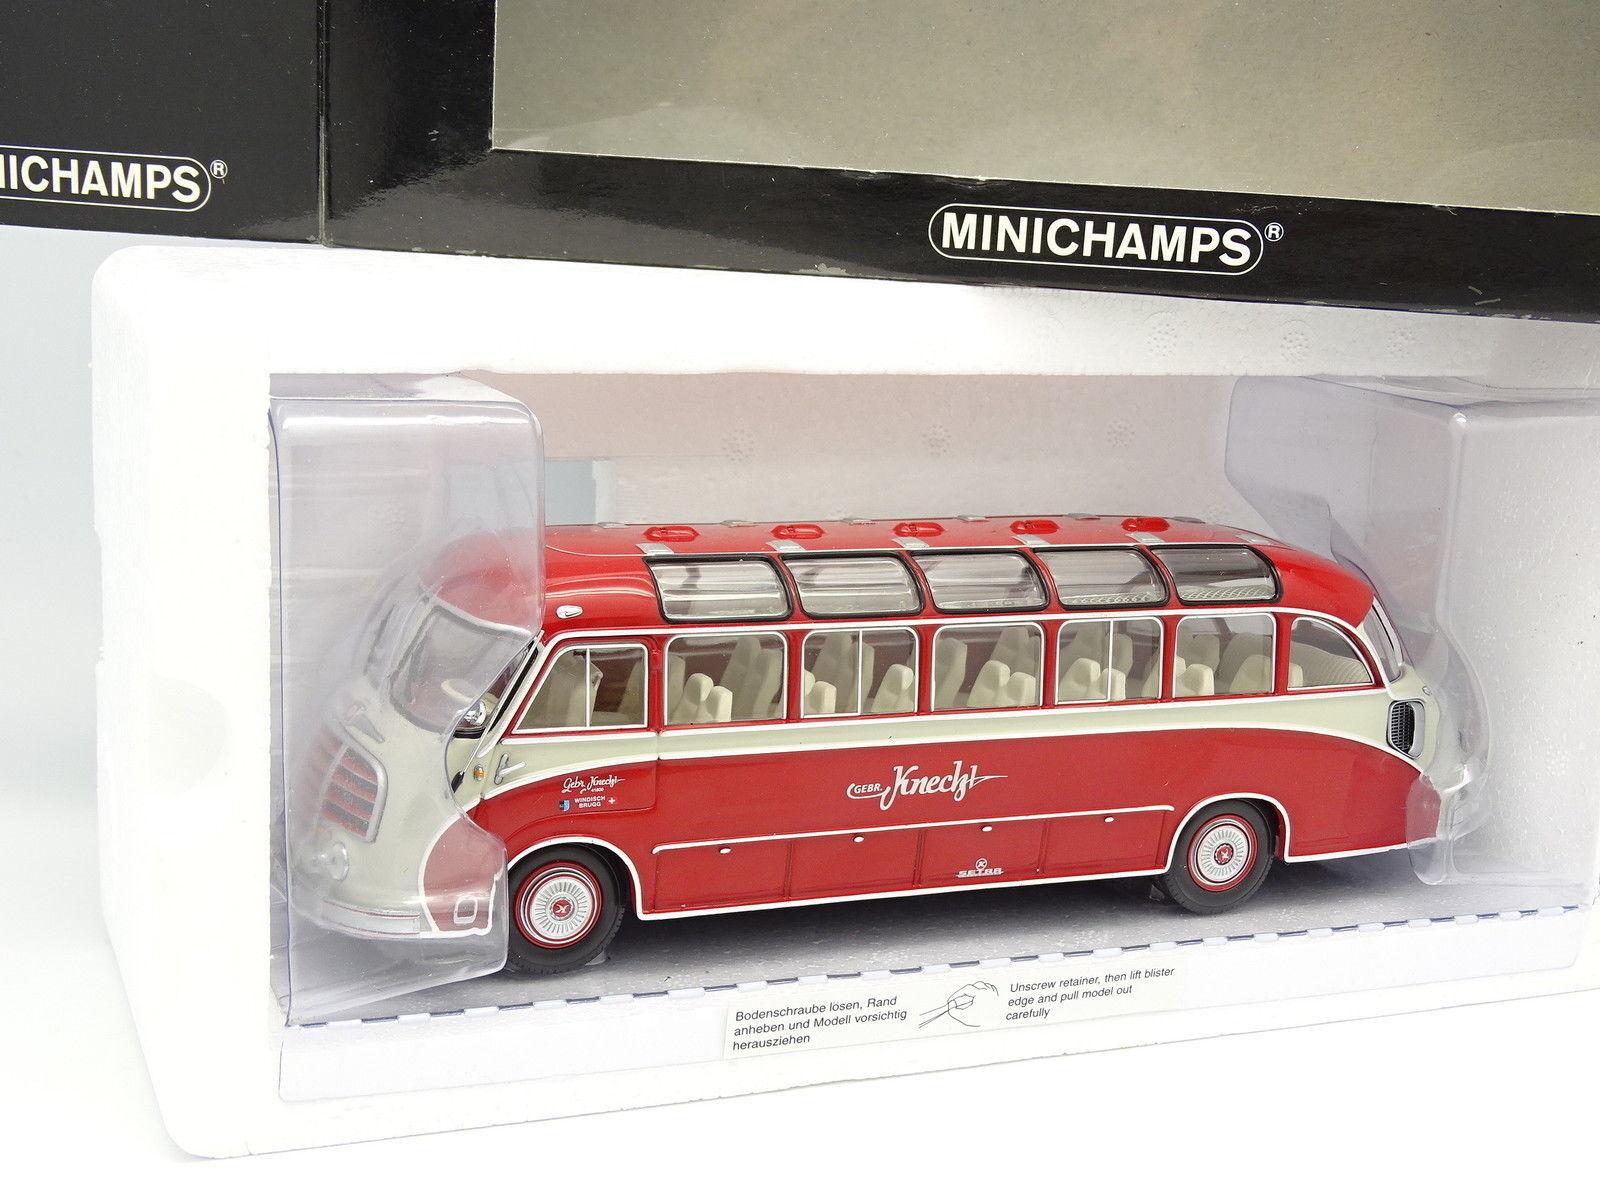 Minichamps 1 43 - Car Autocar Setra S8 1953 Rojo Knecht Reisen Suizo